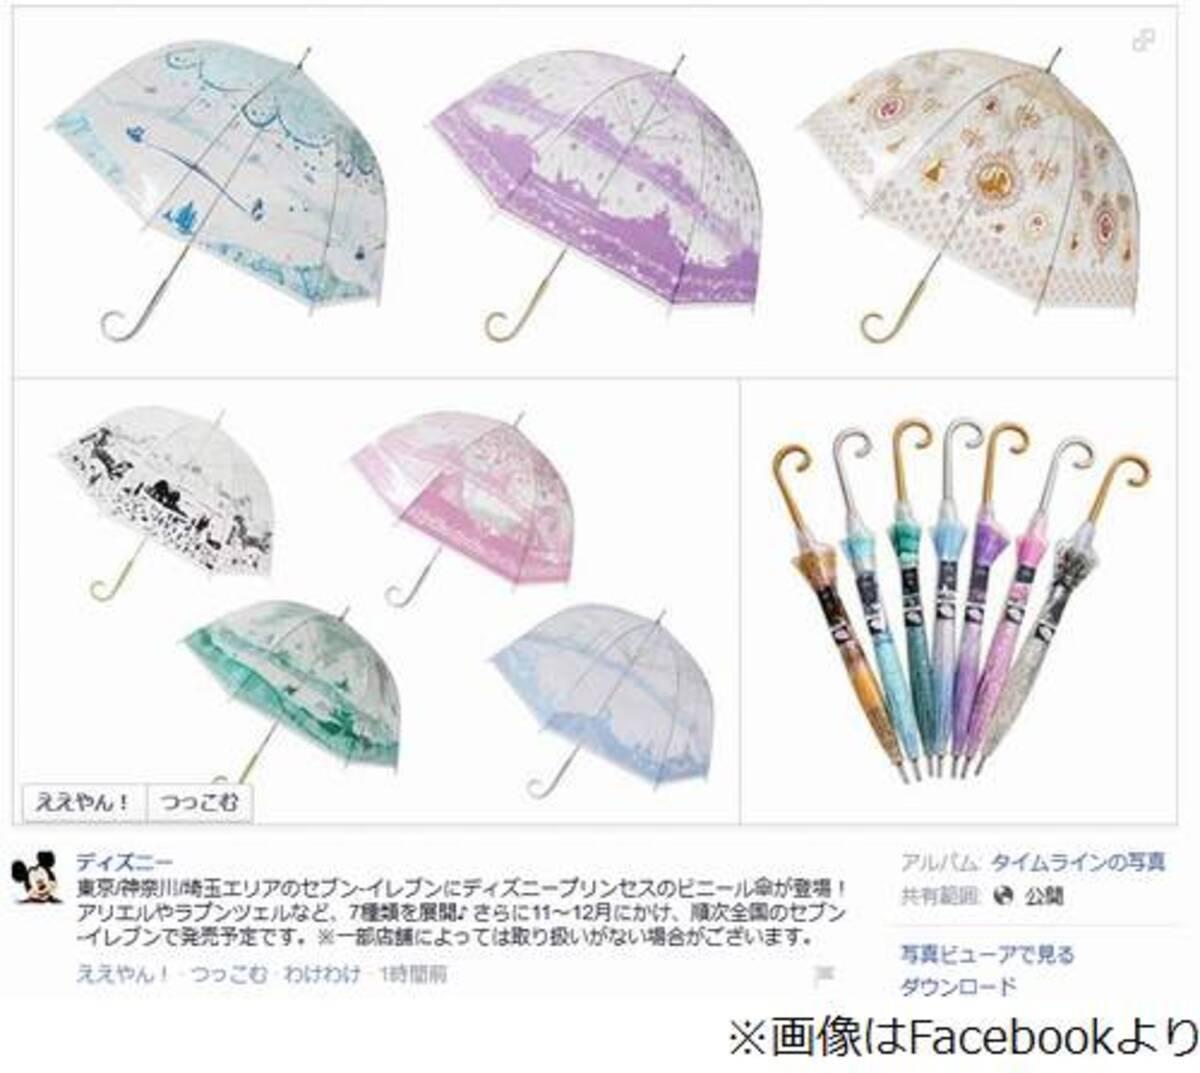 ディズニープリンセス傘に反響 10月9日より東京 埼玉 神奈川でも